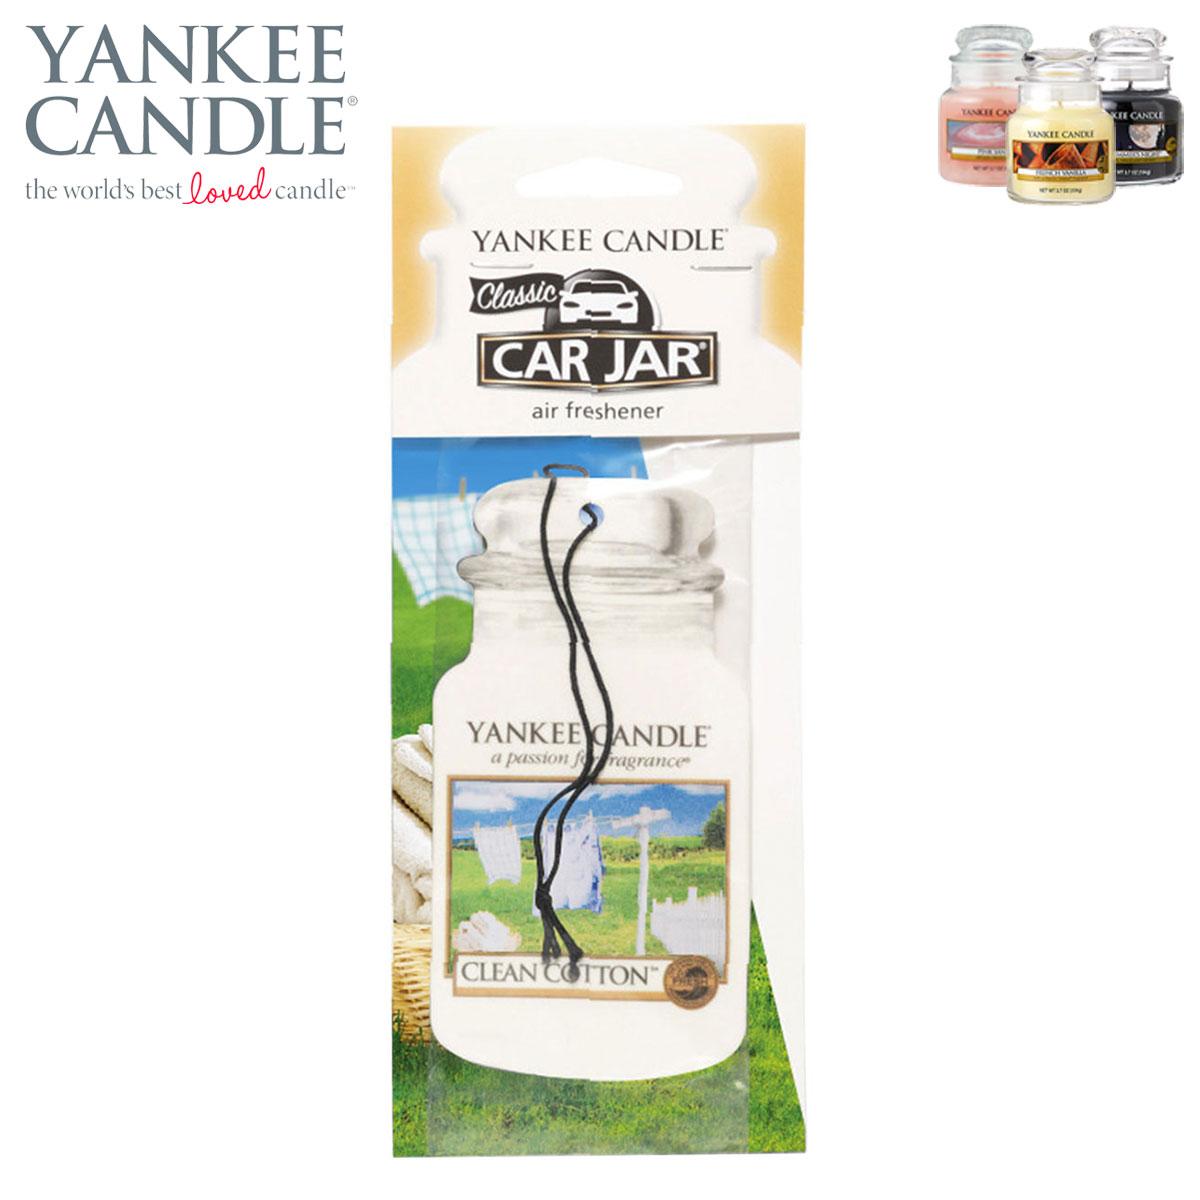 ヤンキーキャンドル フレグランス 正規販売店 YANKEE CANDLE 車用芳香剤 エアーフレッシュナー YCカージャー クリーンコットン K3030501 A49B B3C C3D D0E E00F